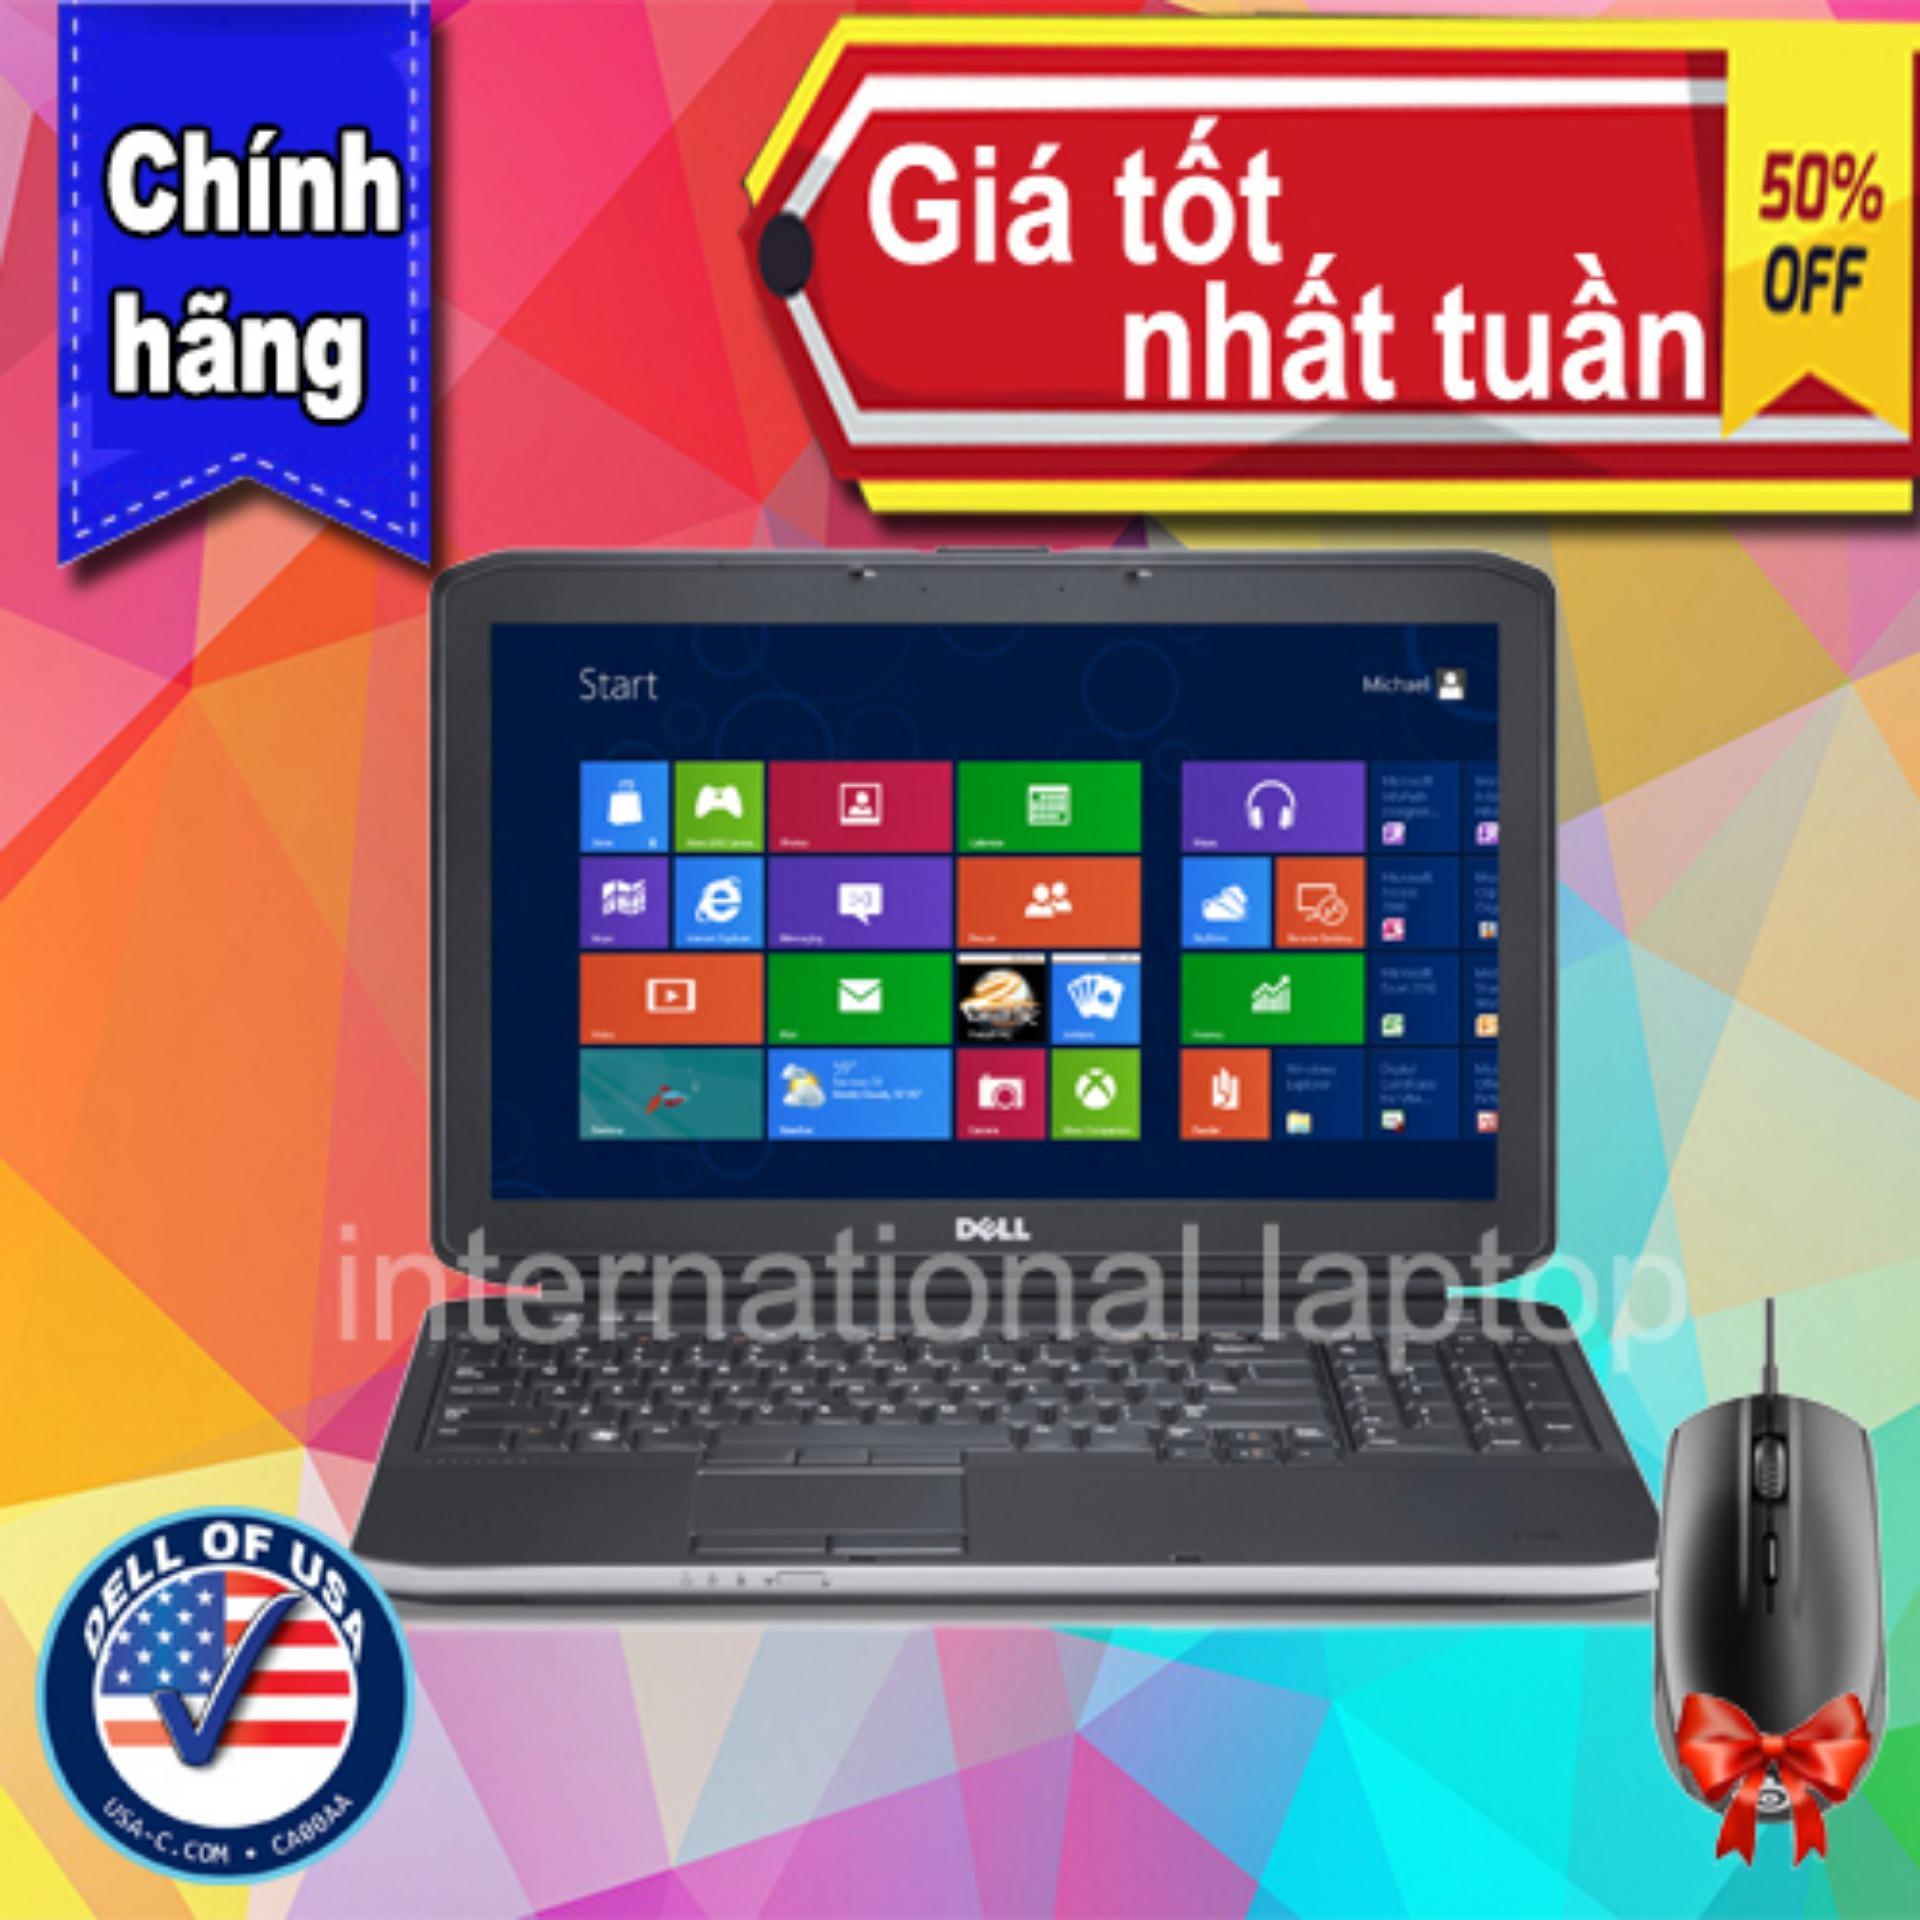 Bán Laptop Dell Latitude E5530 I5 4 Ssd120 Hang Nhập Khẩu Trực Tuyến